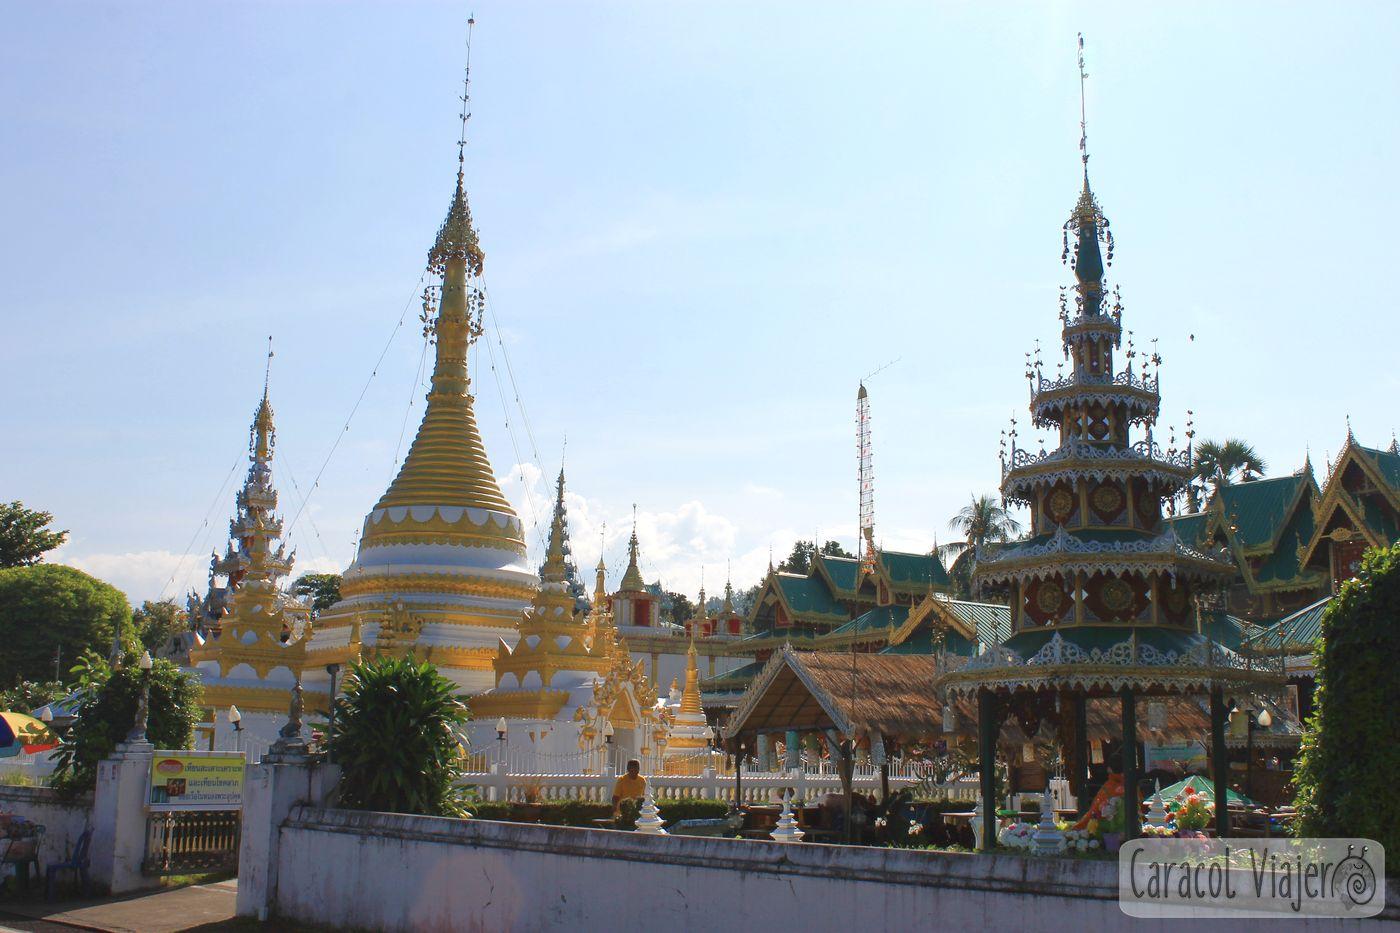 Wat Jong Khamtemplo en Mae Hong Son